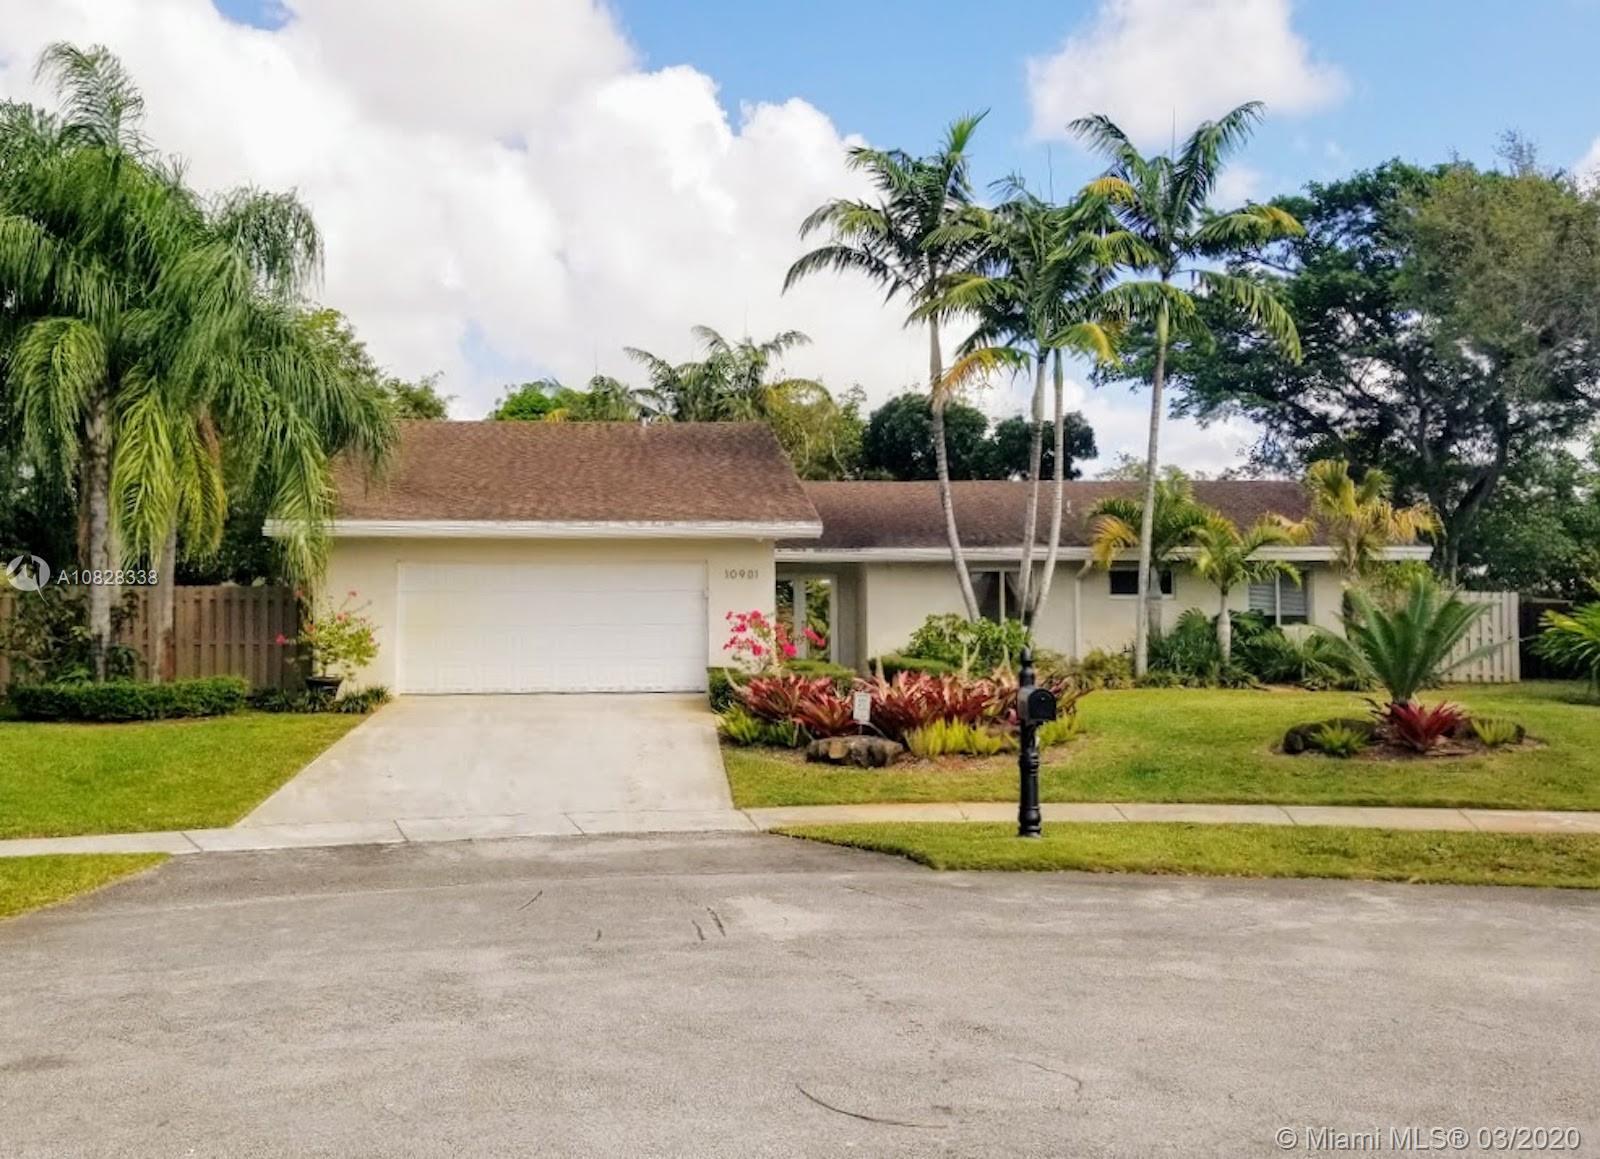 10901 SW 116th Ave, Miami, FL 33176 - Miami, FL real estate listing